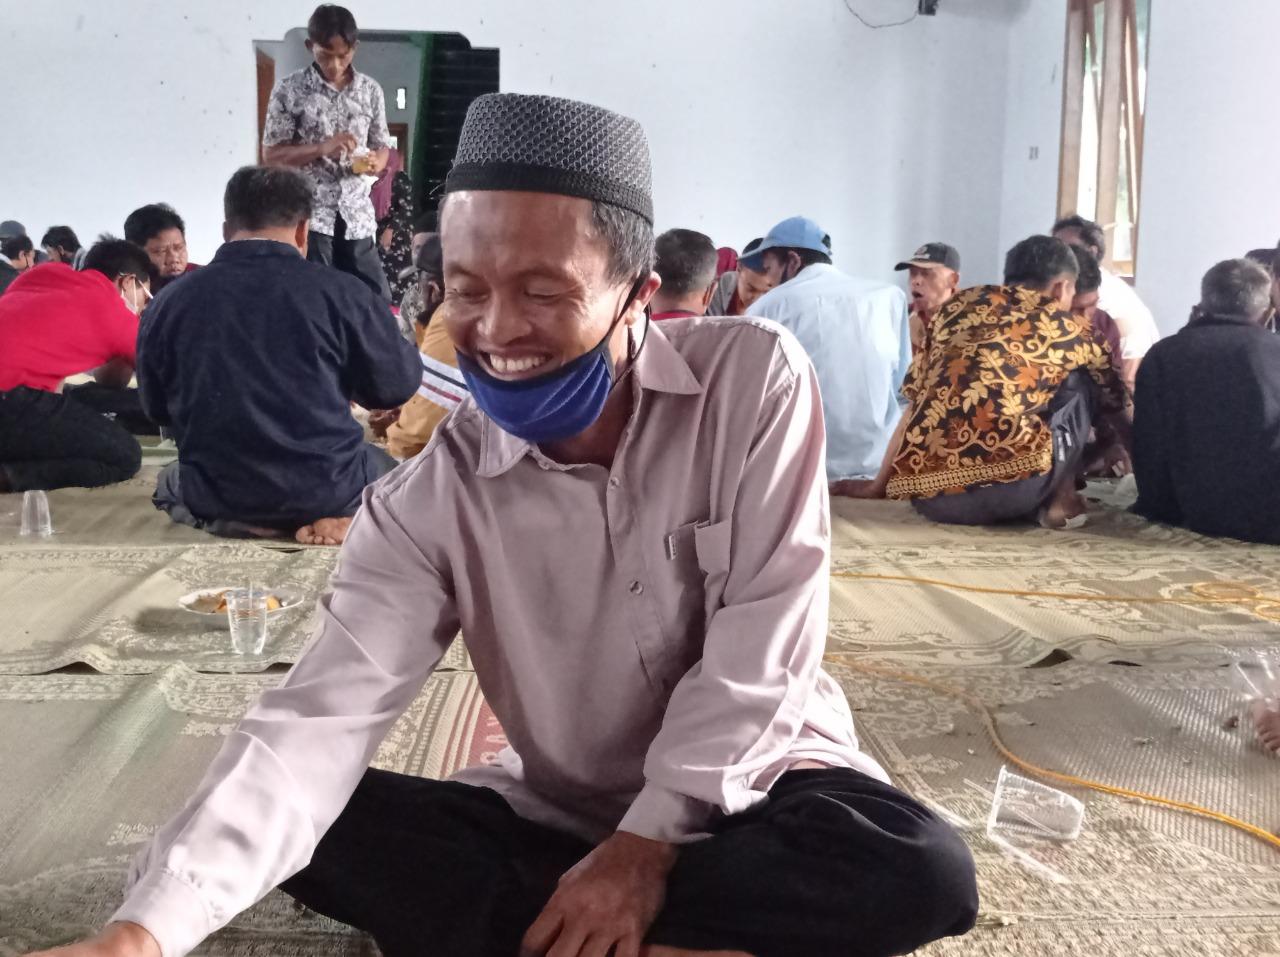 Mengenal Tas Belanja Pak Wiji, Penyandang Disabilitas Dari Desa Tawangrejo Lembeyan